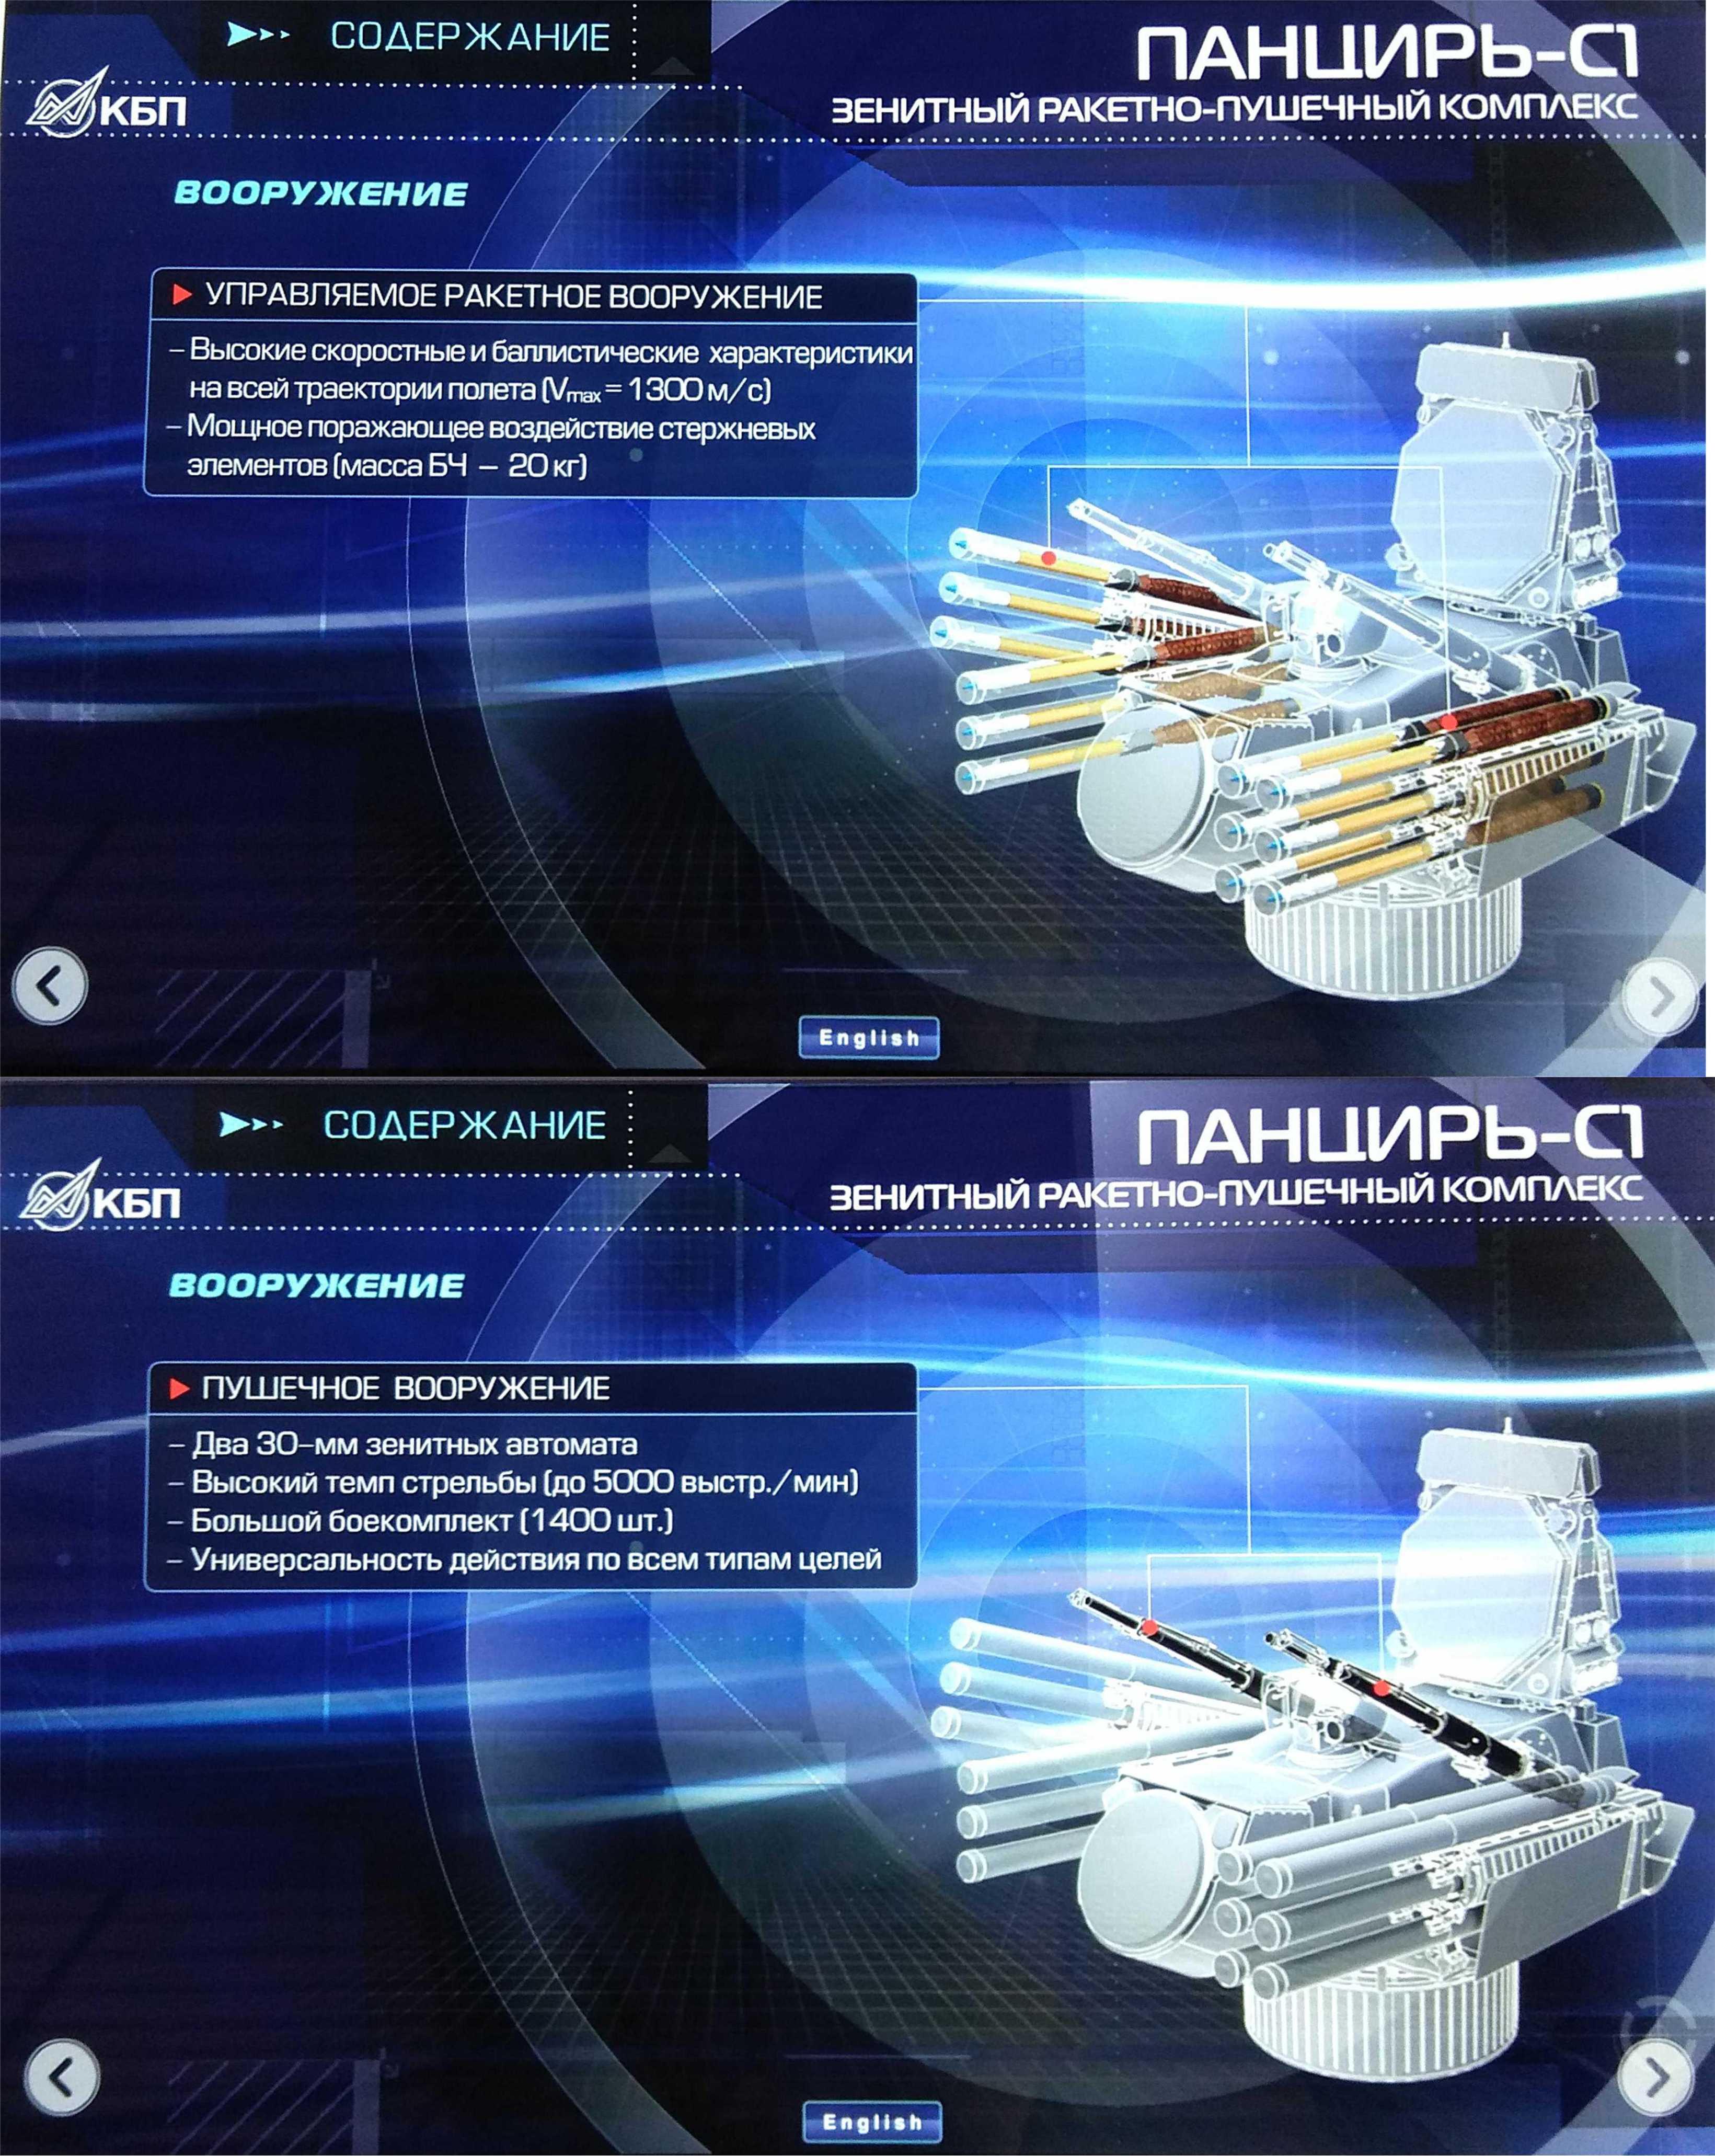 http://s5.uploads.ru/s3CQF.jpg